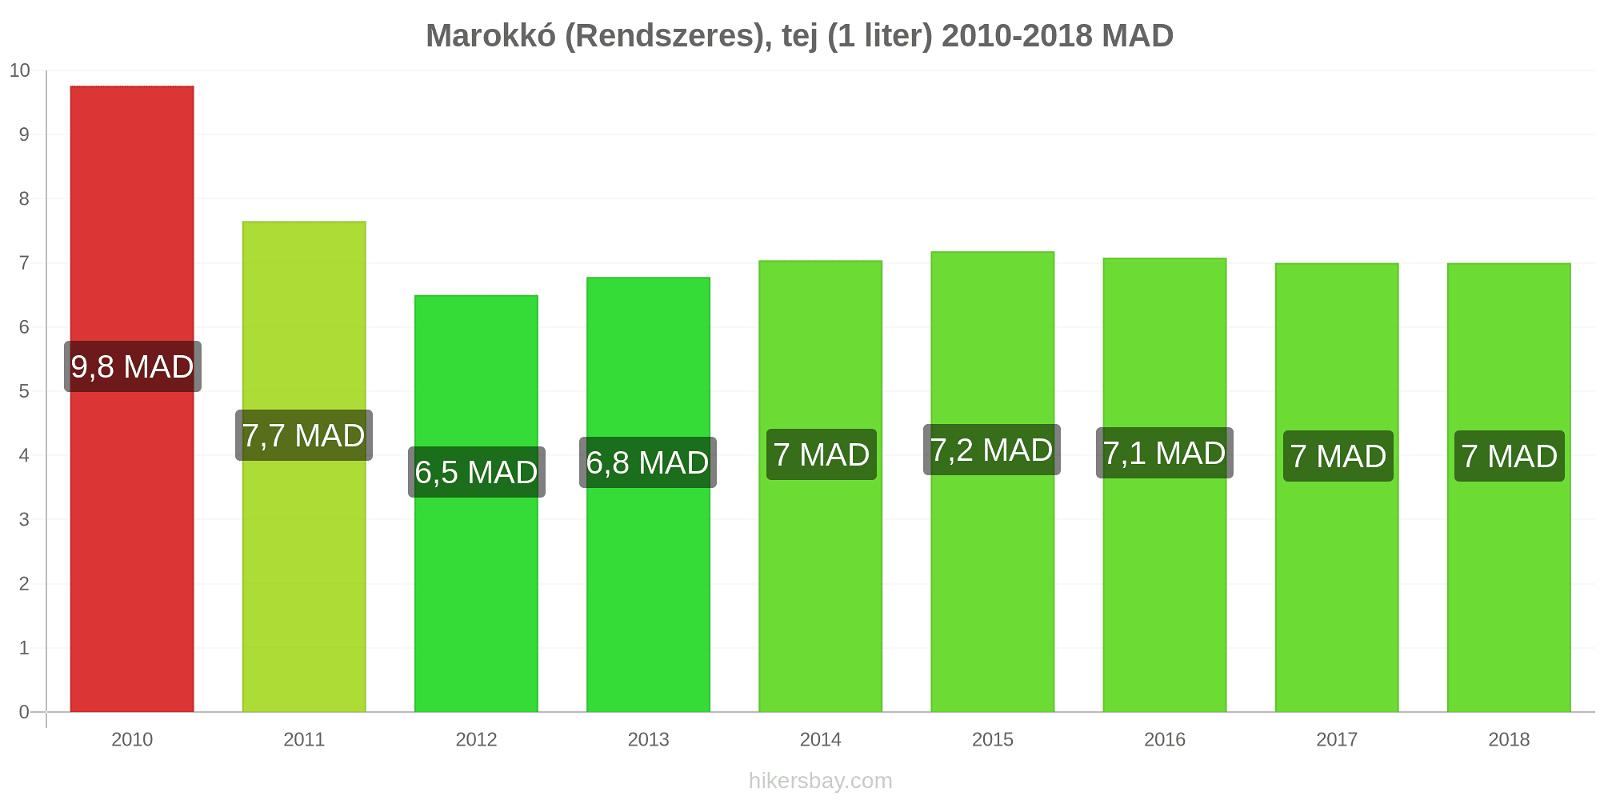 Marokkó árváltozások (Rendszeres), tej (1 liter) hikersbay.com